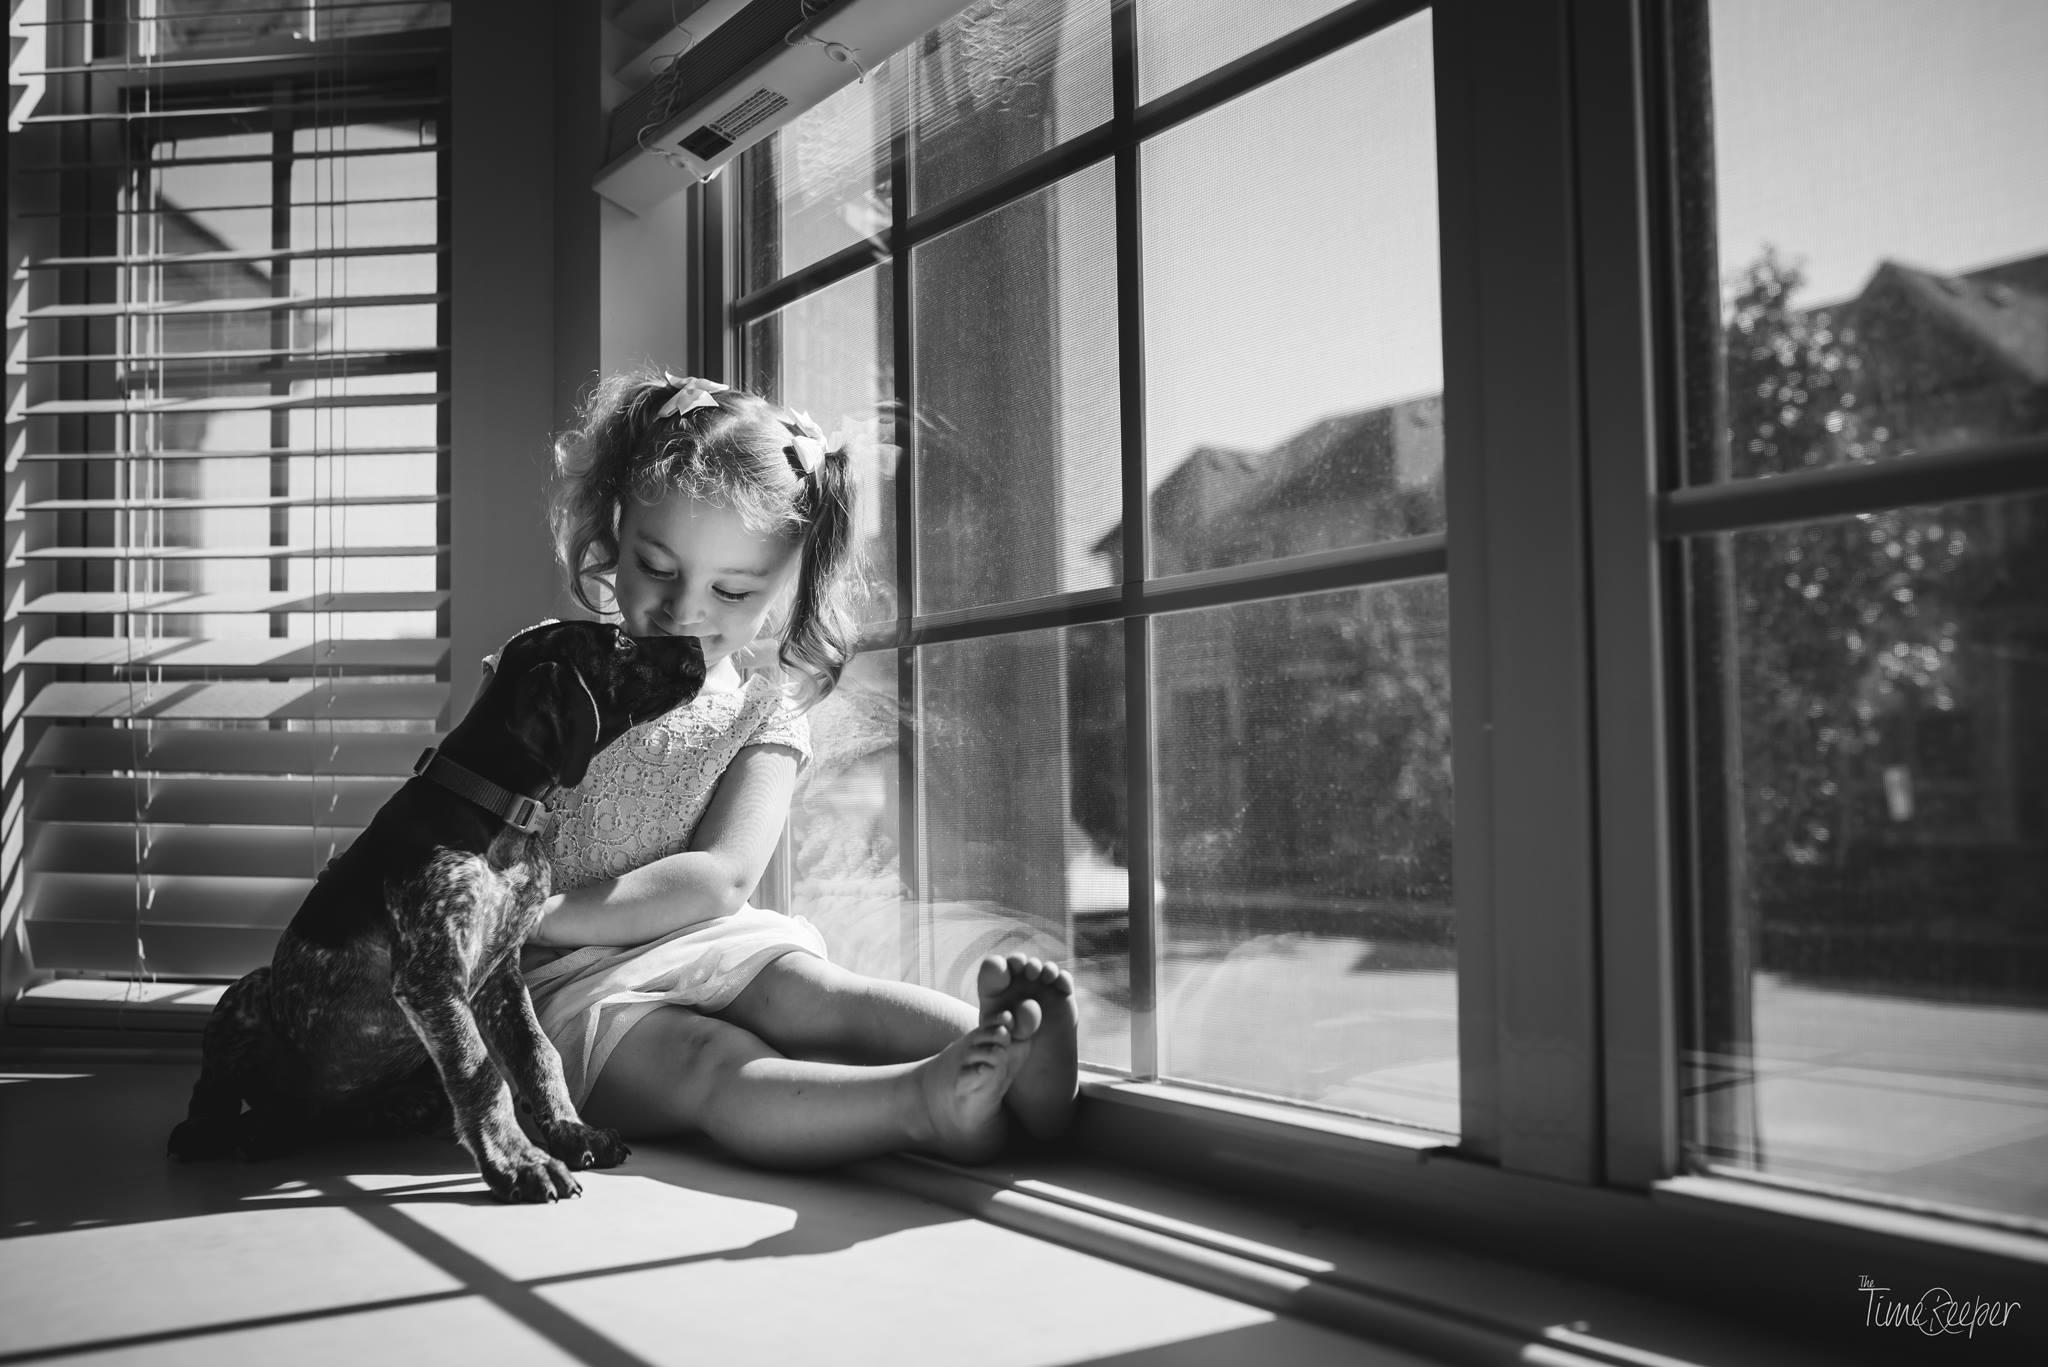 pet pictures,indoor light